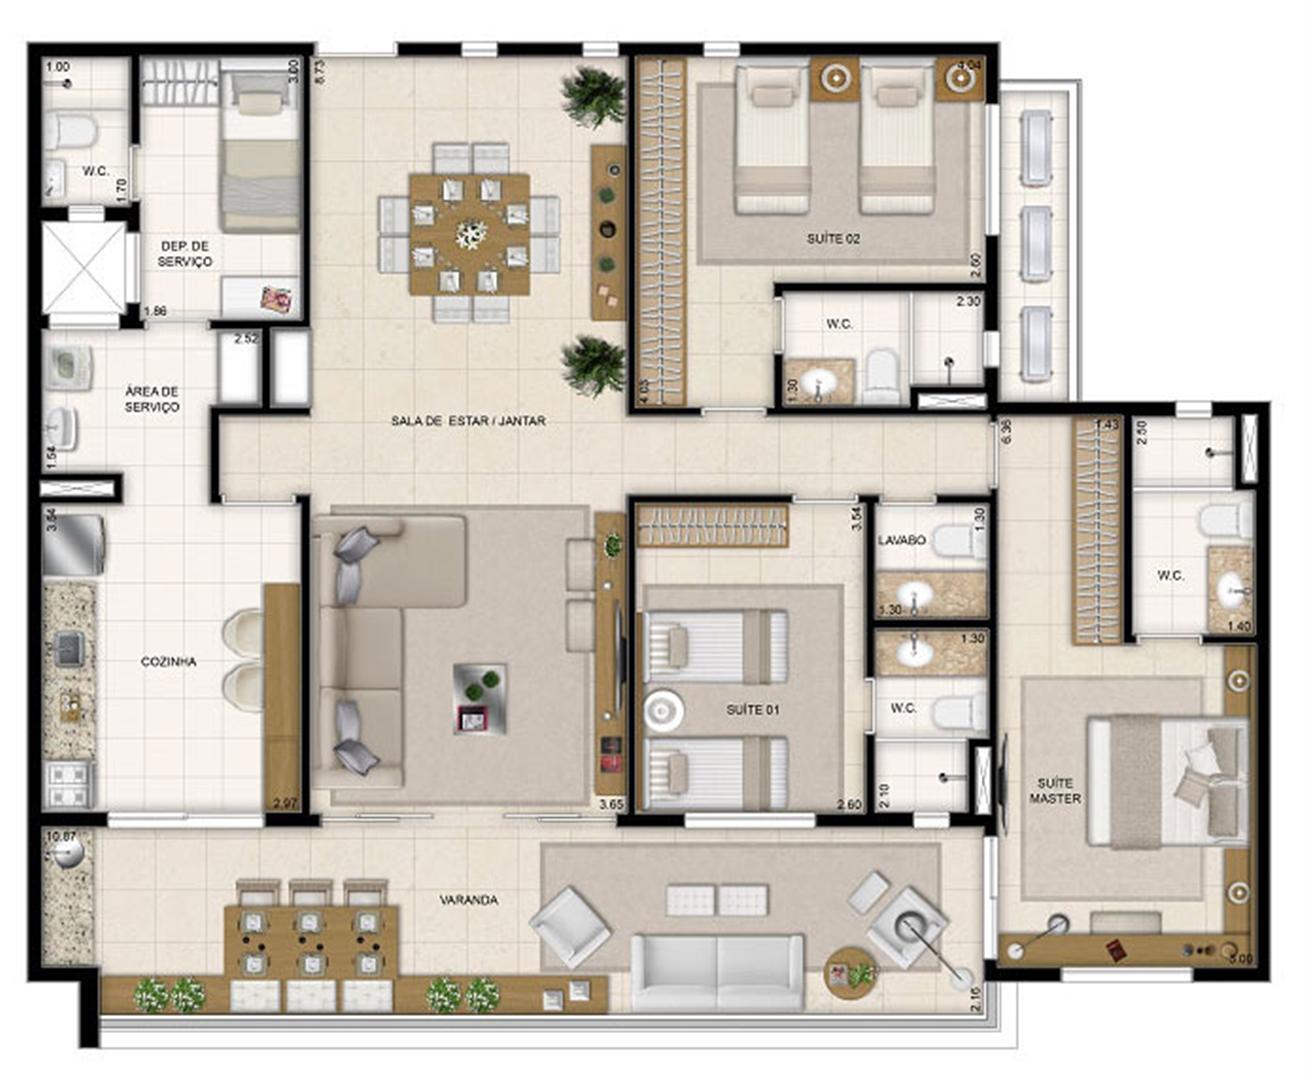 Perspectiva ilustrada da planta tipo Moana 148 m² | Mandara Kauai – Apartamento no  Porto das Dunas - Aquiraz - Ceará